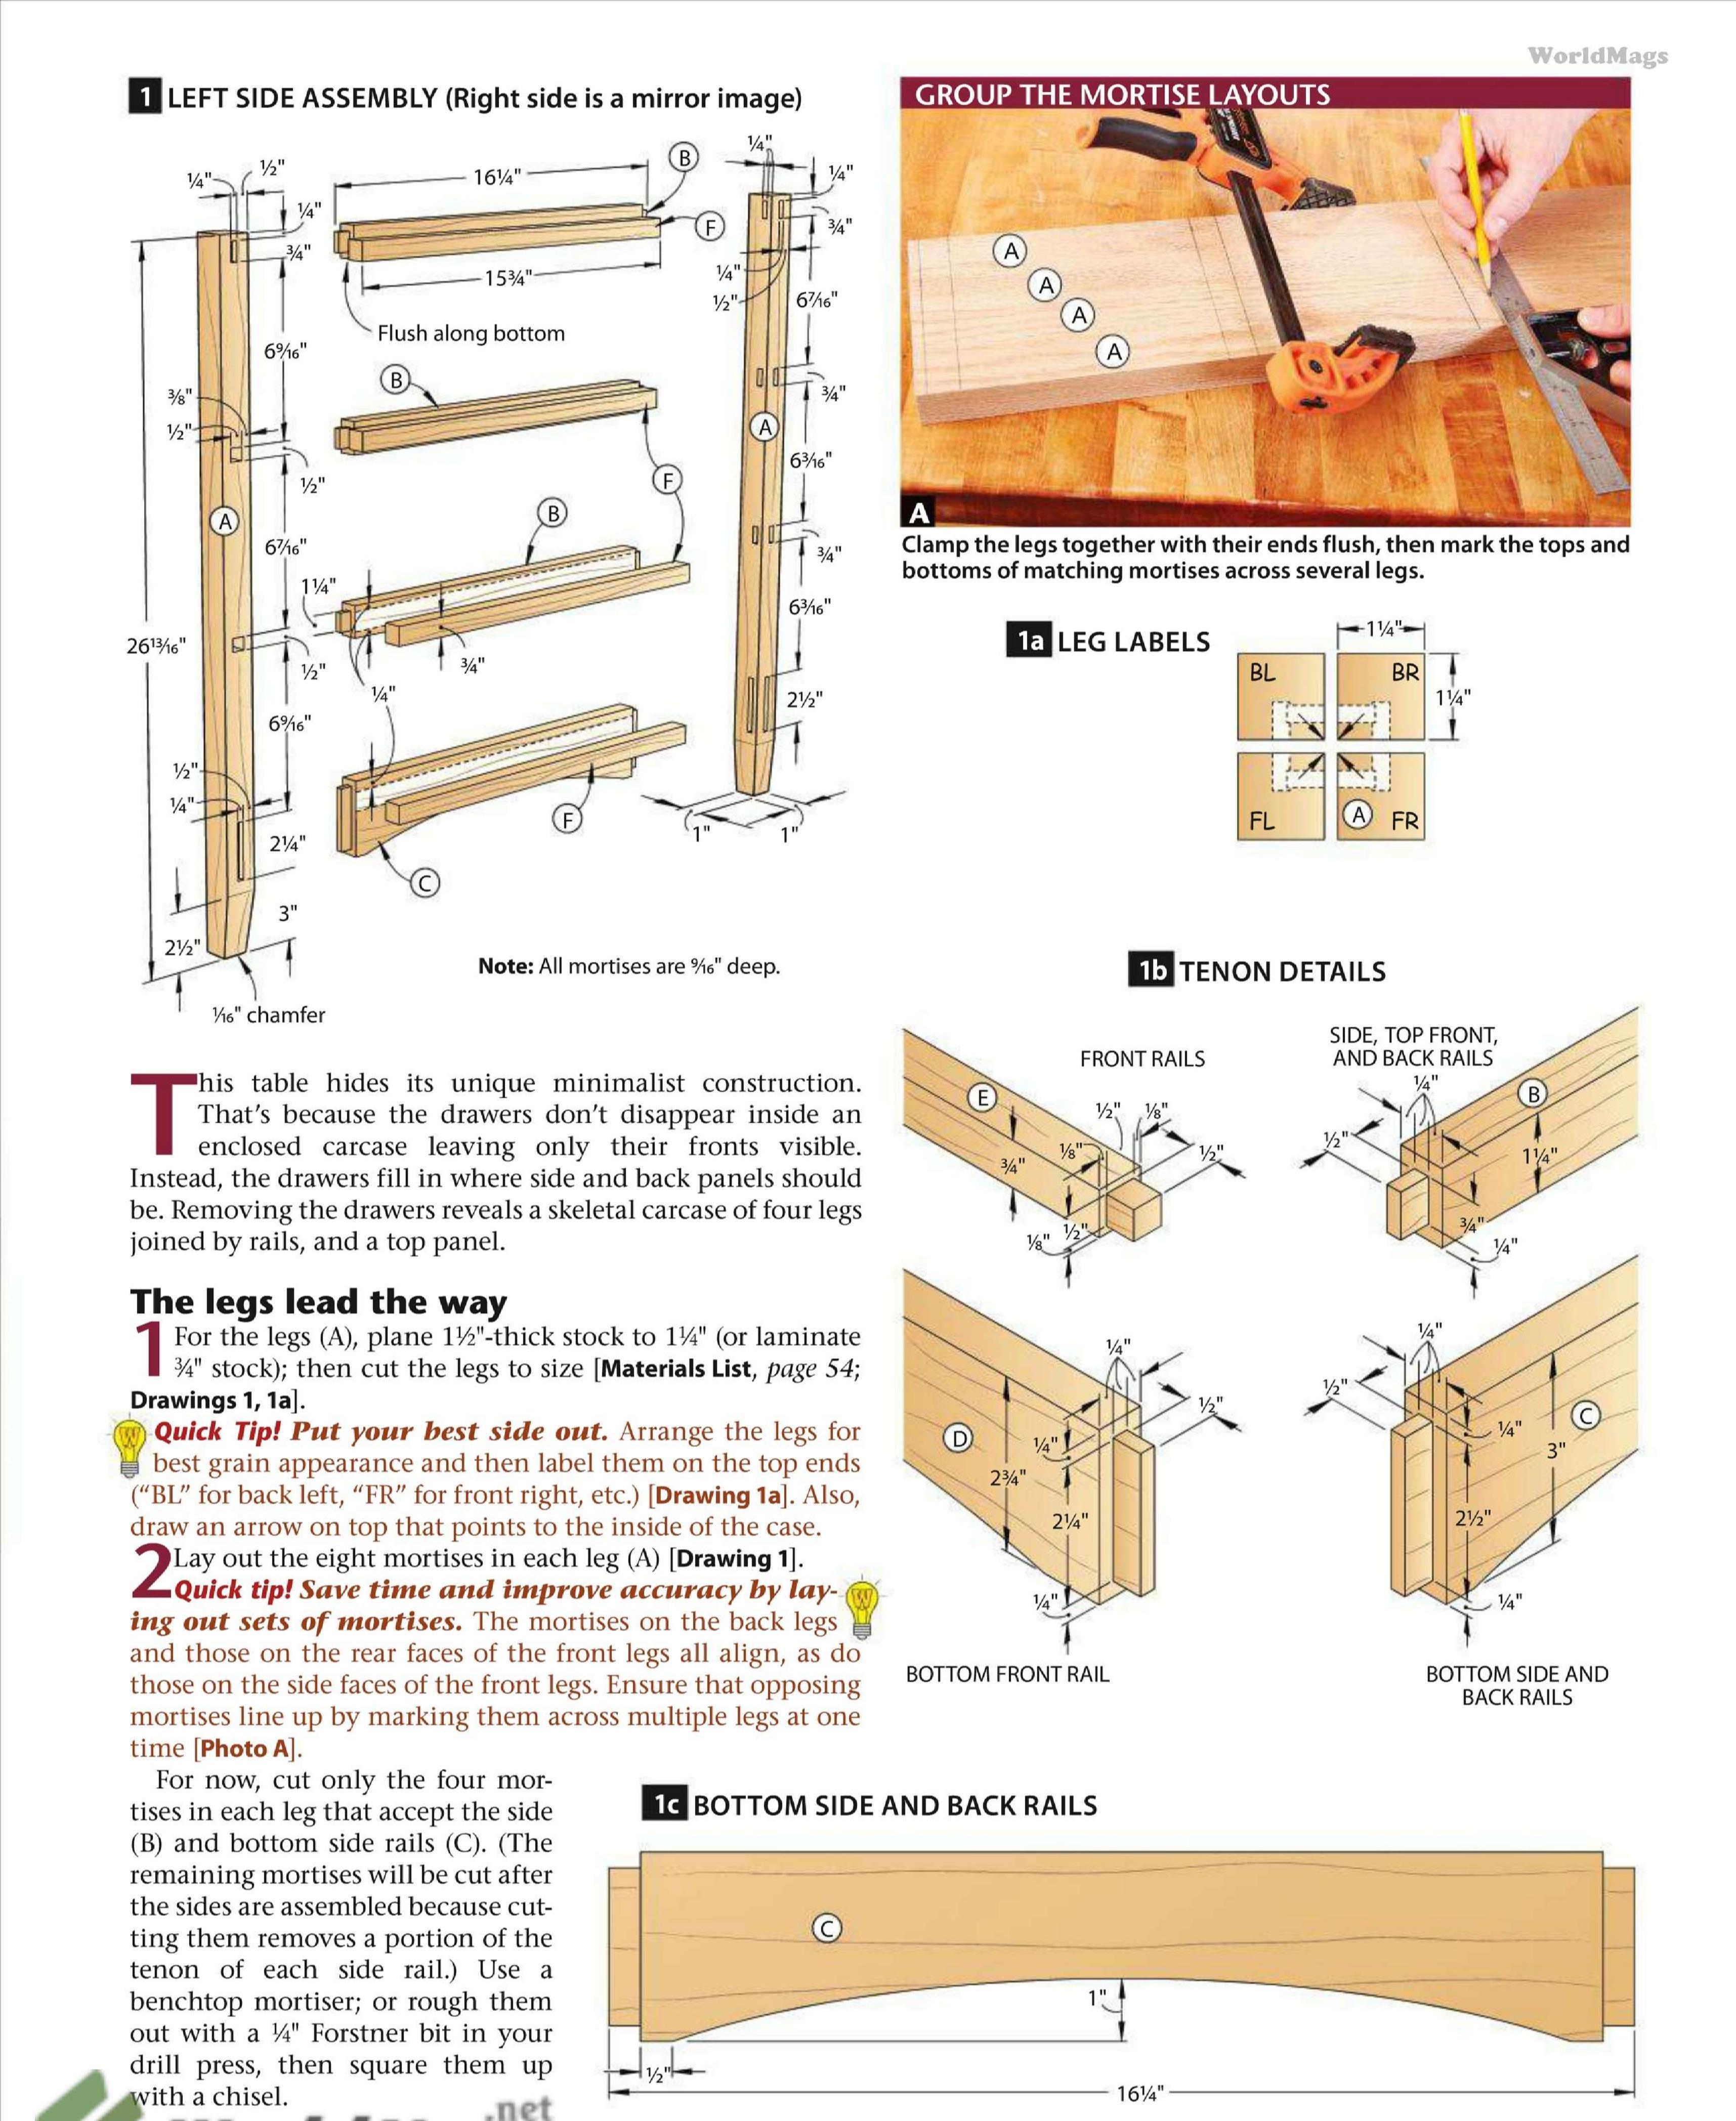 Кухонный стол своими руками 300 фото, схемы, инструкции 75